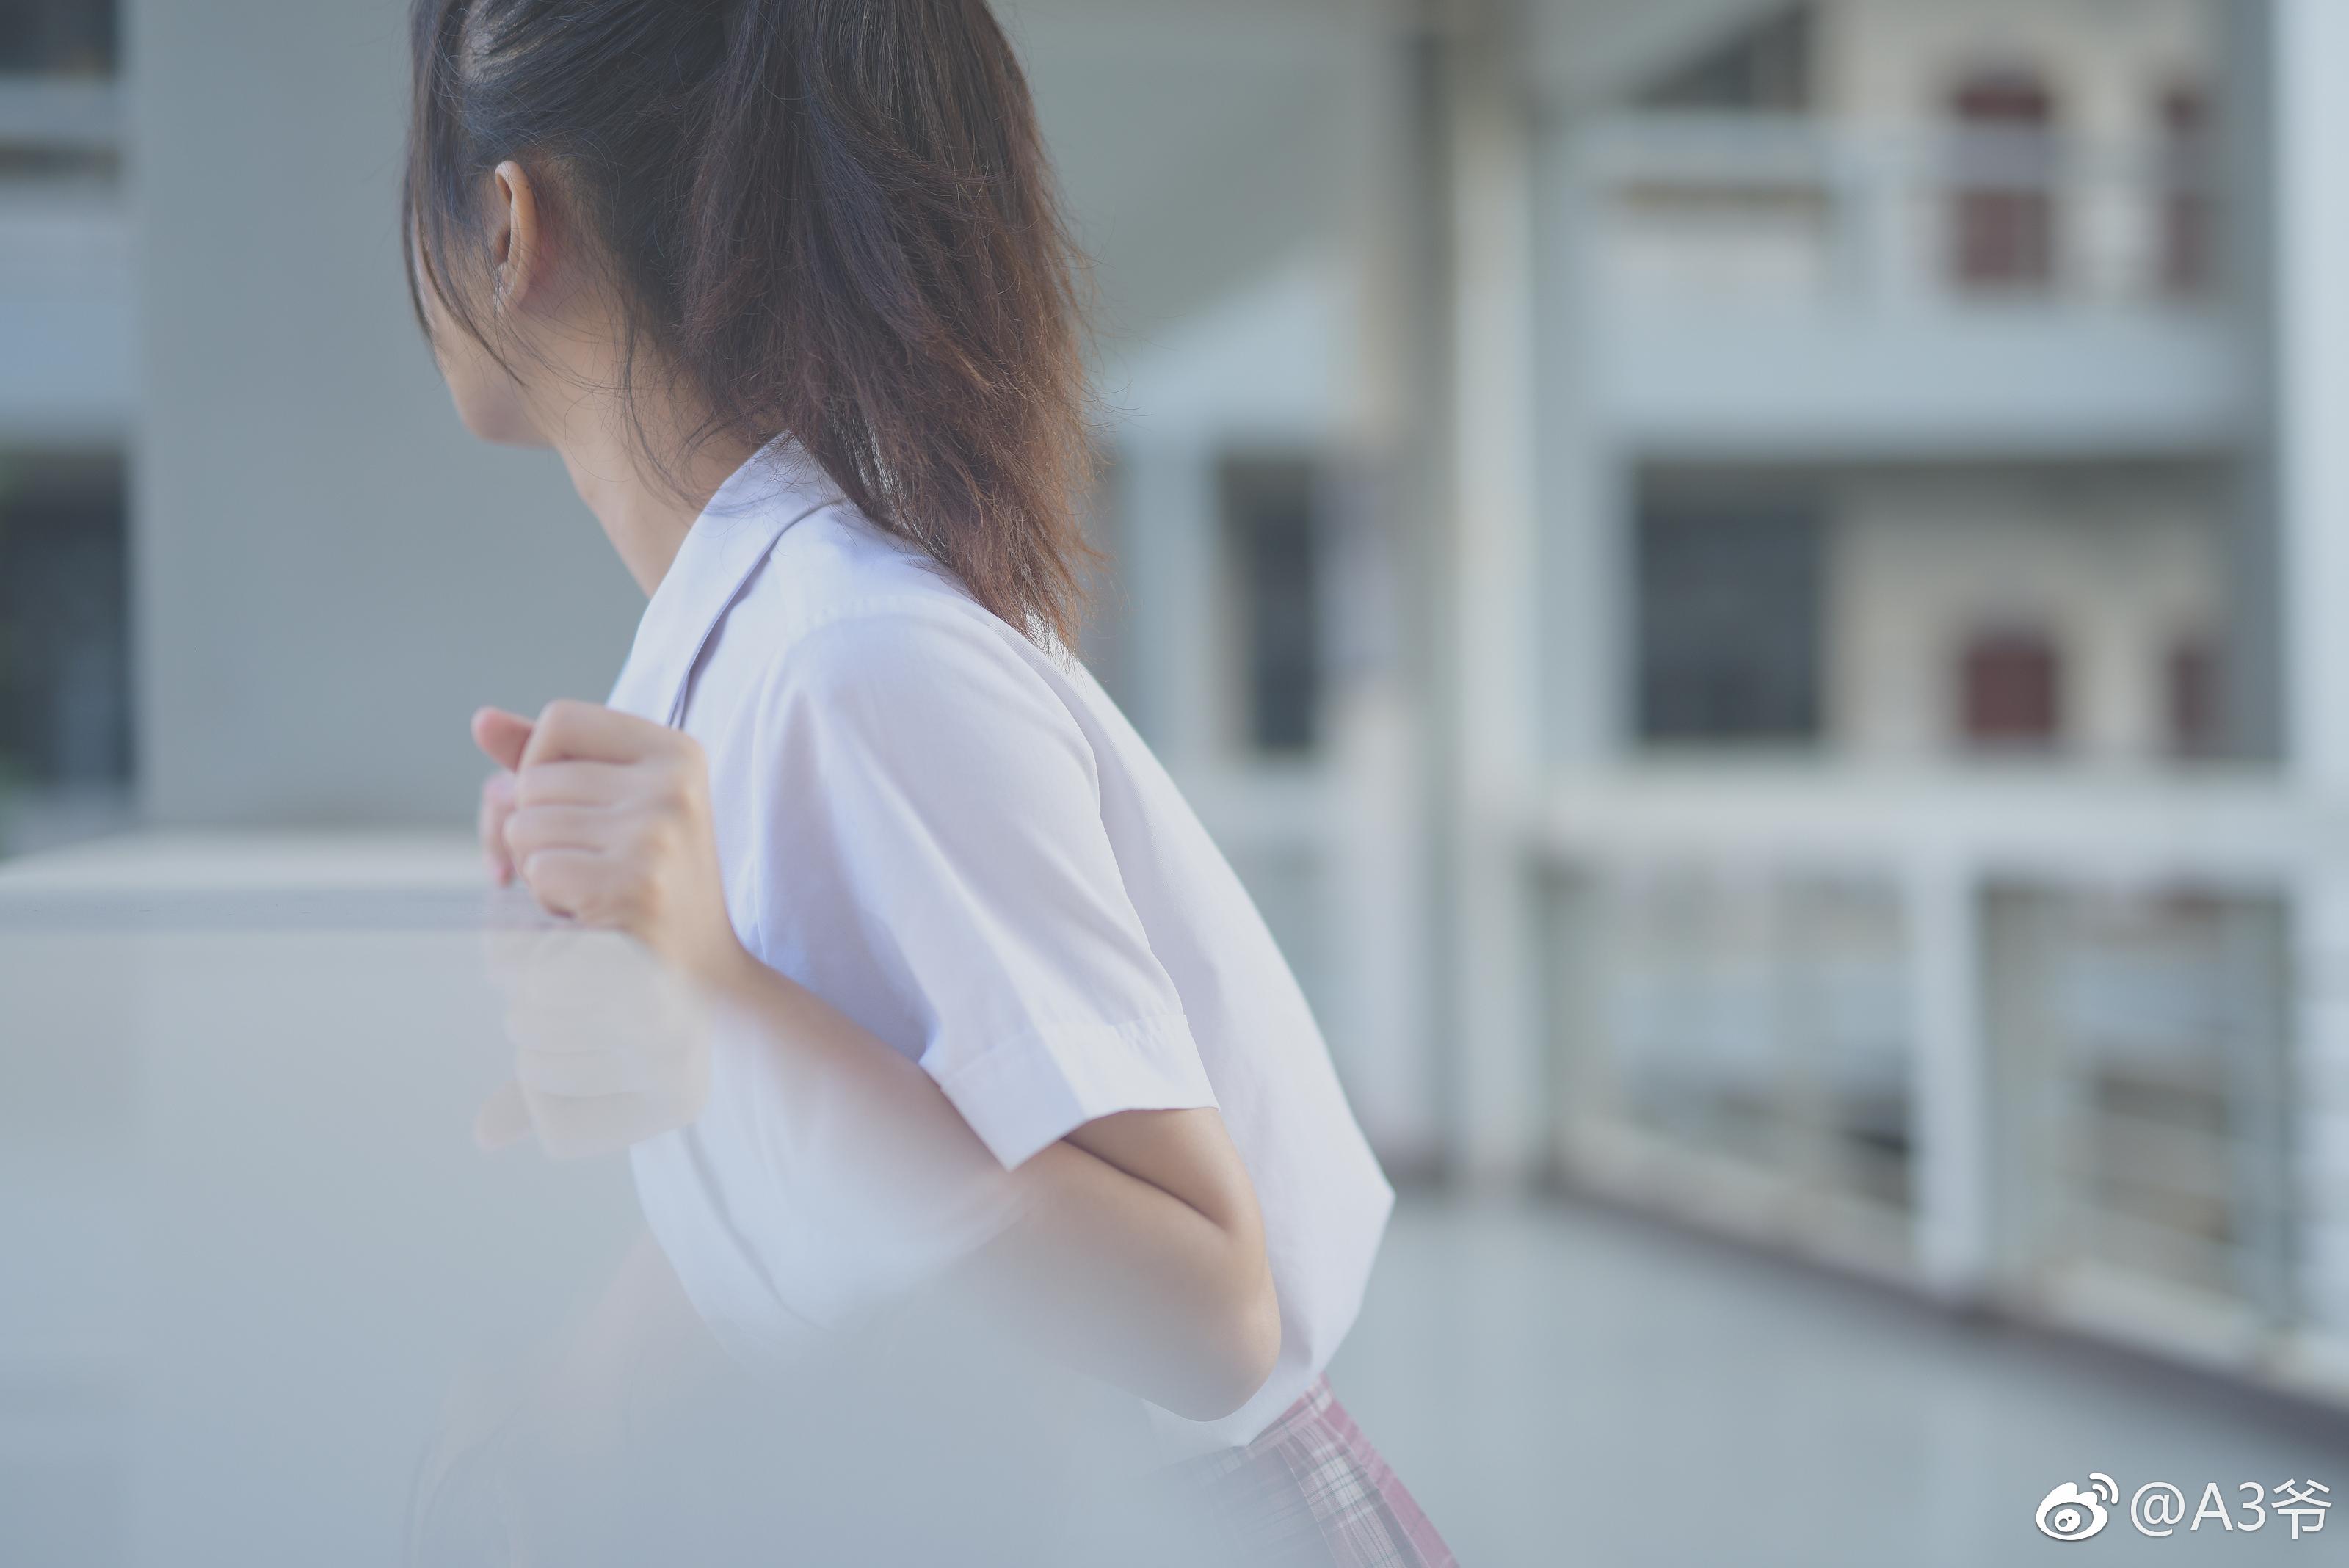 制服萌妹的私影写真,摄影师真棒(9P)